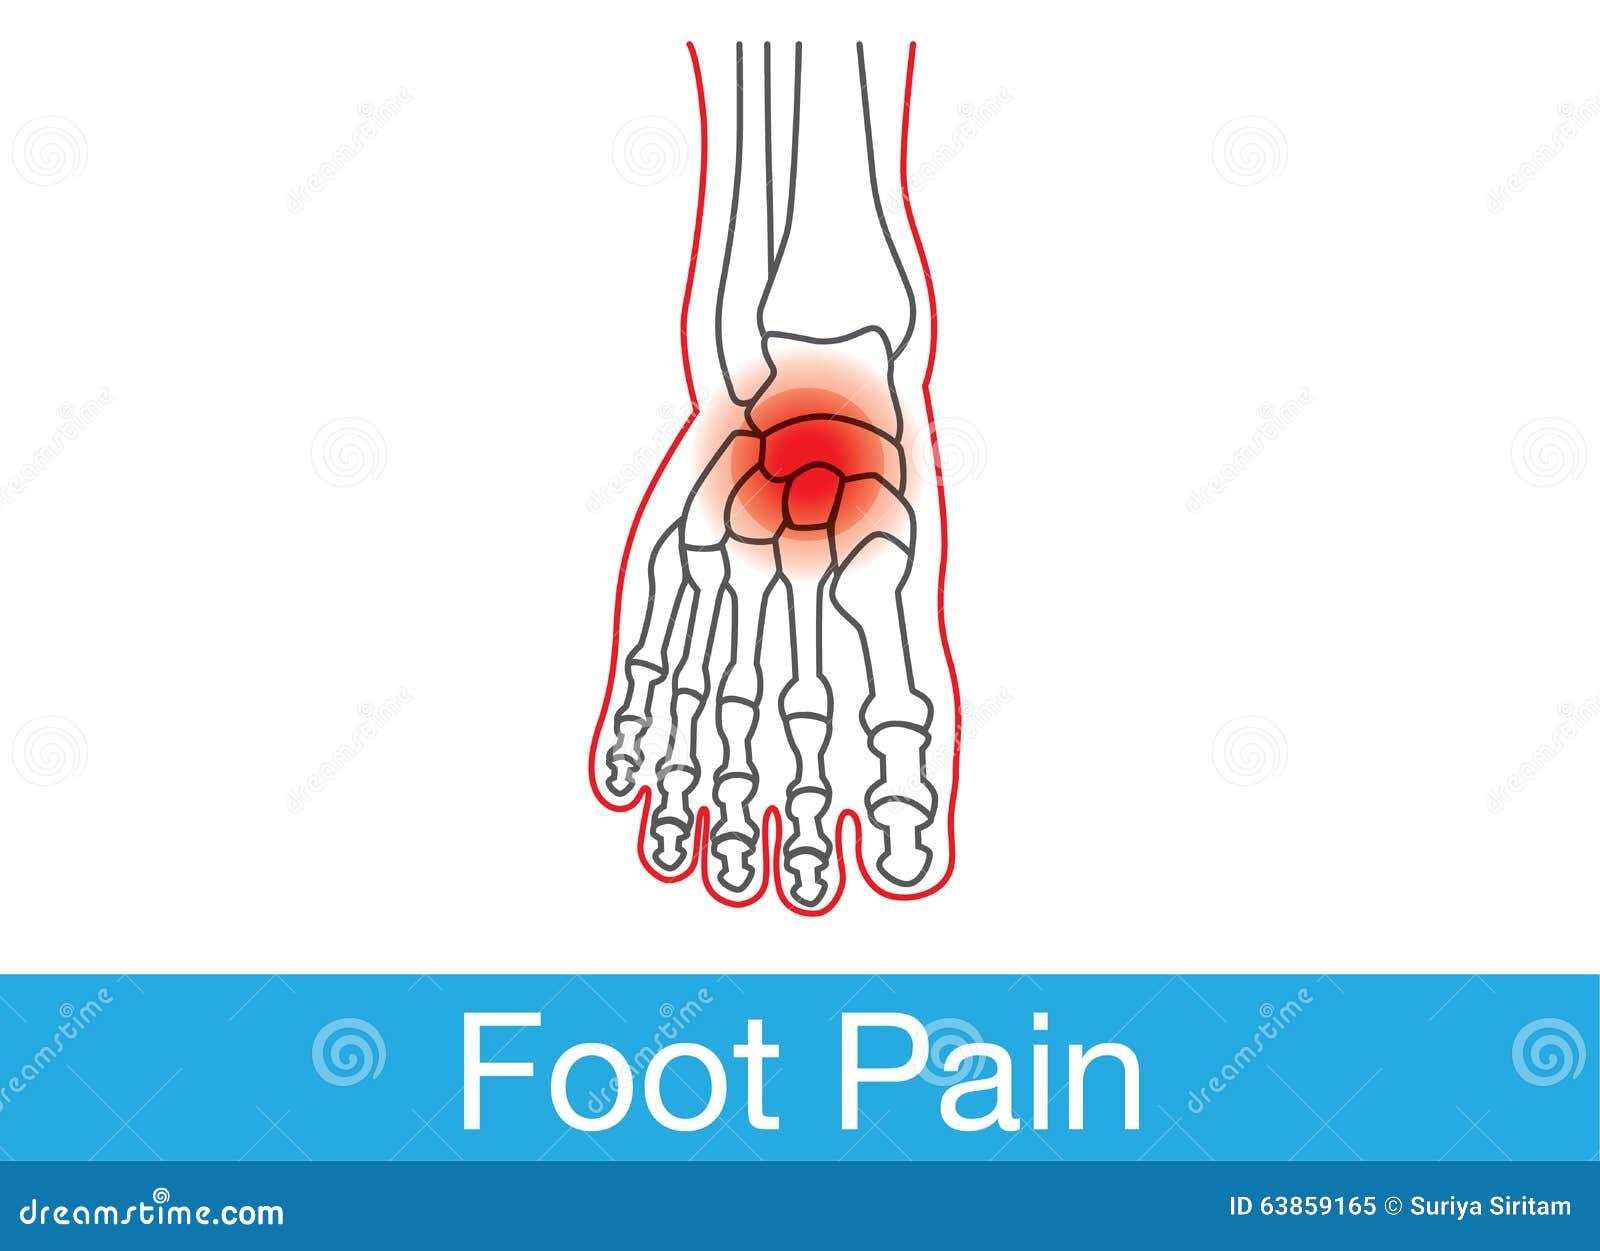 Douleur de pied illustration de vecteur image 63859165 for Douleur interieur pied